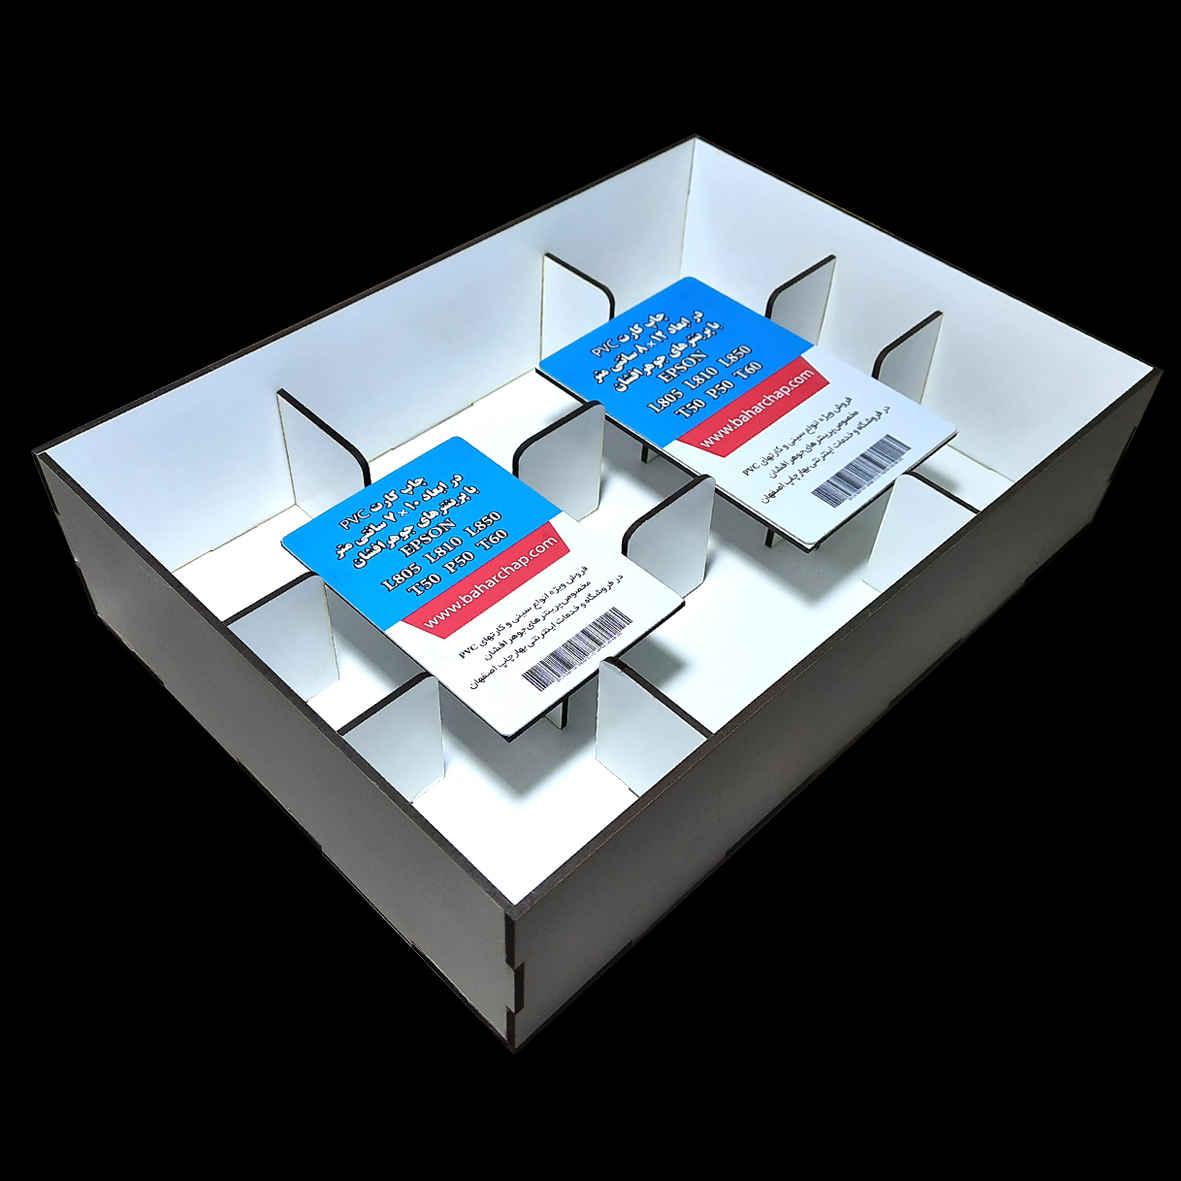 فروشگاه و خدمات اینترنتی بهارچاپ اصفهان-باکس اسپری کارت PVC سایز 12*8-10*7-SPRAY BOX FOR INKJET PVC DARS 7*10-8*12